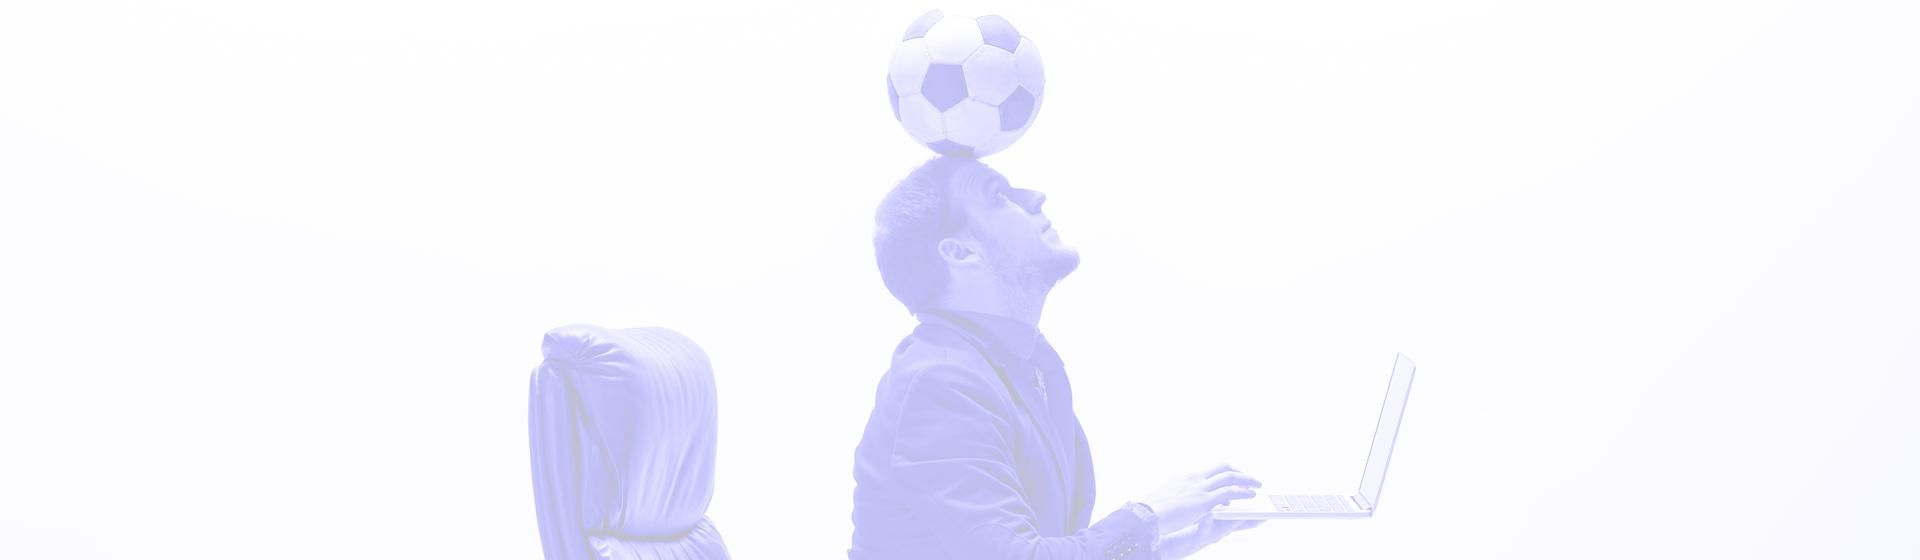 Blend It Like Beckham: Designing Holistic Blended Learning Solutions